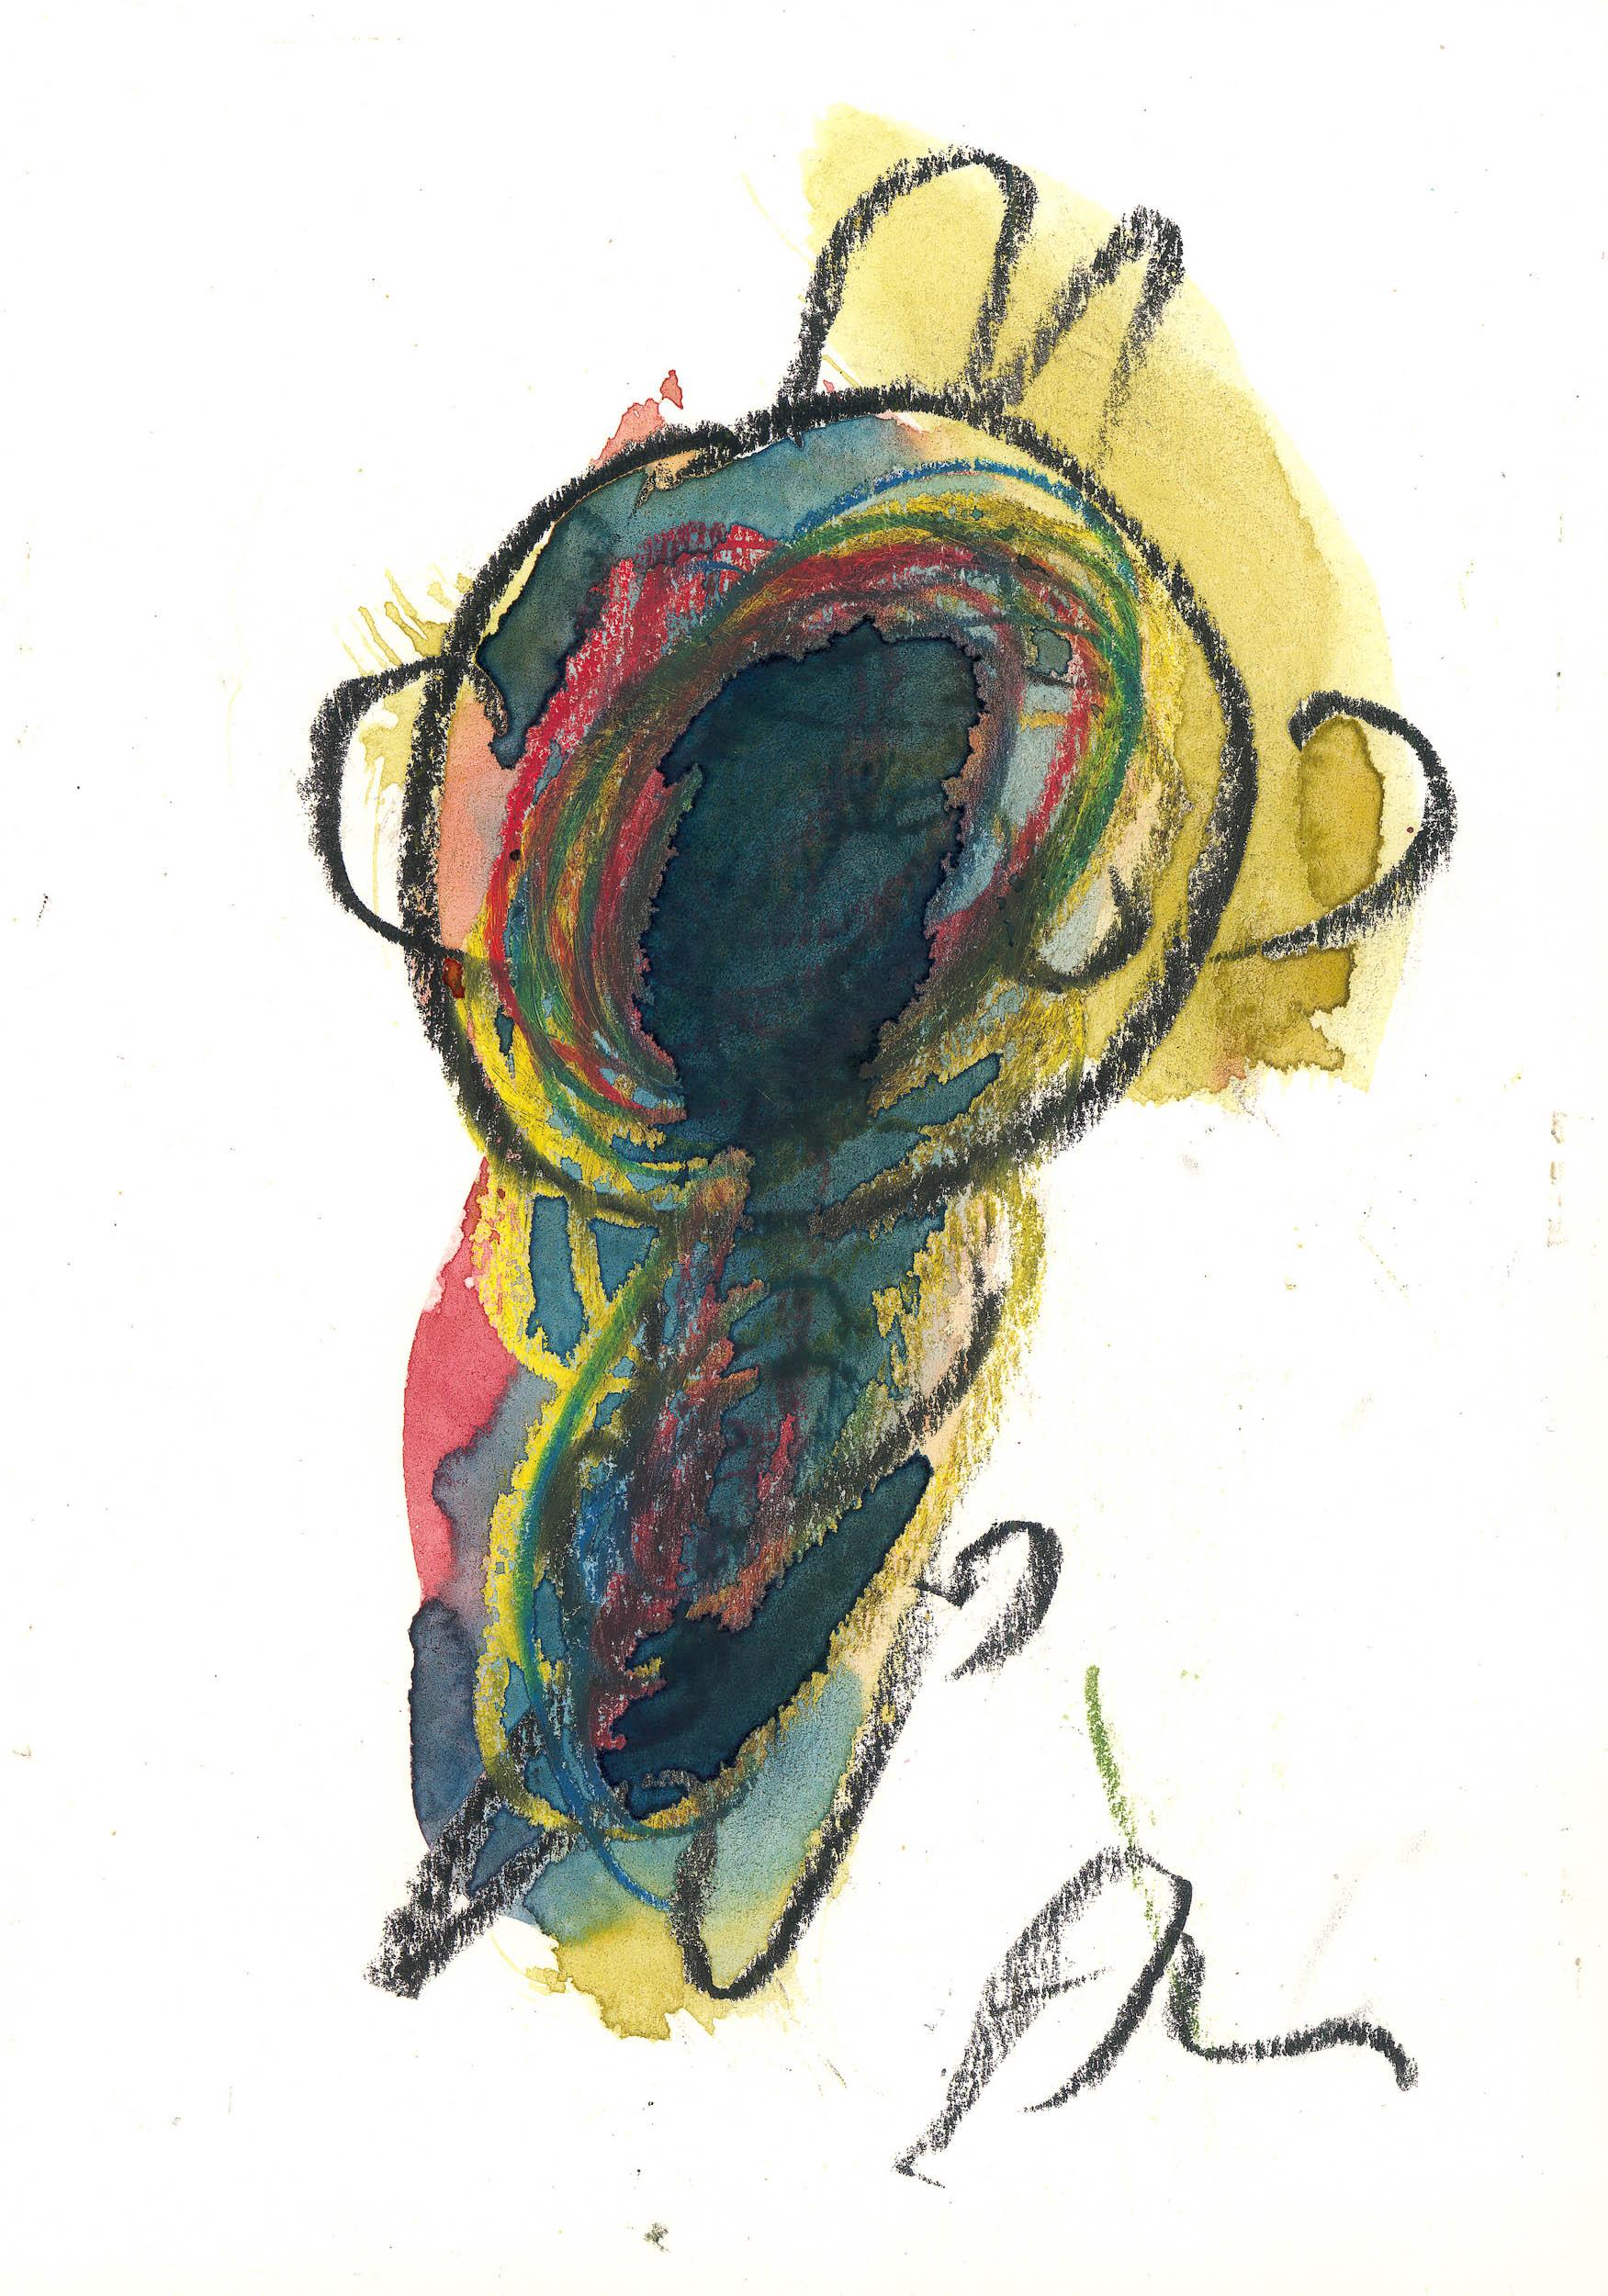 schmidt arnold - figur / figure